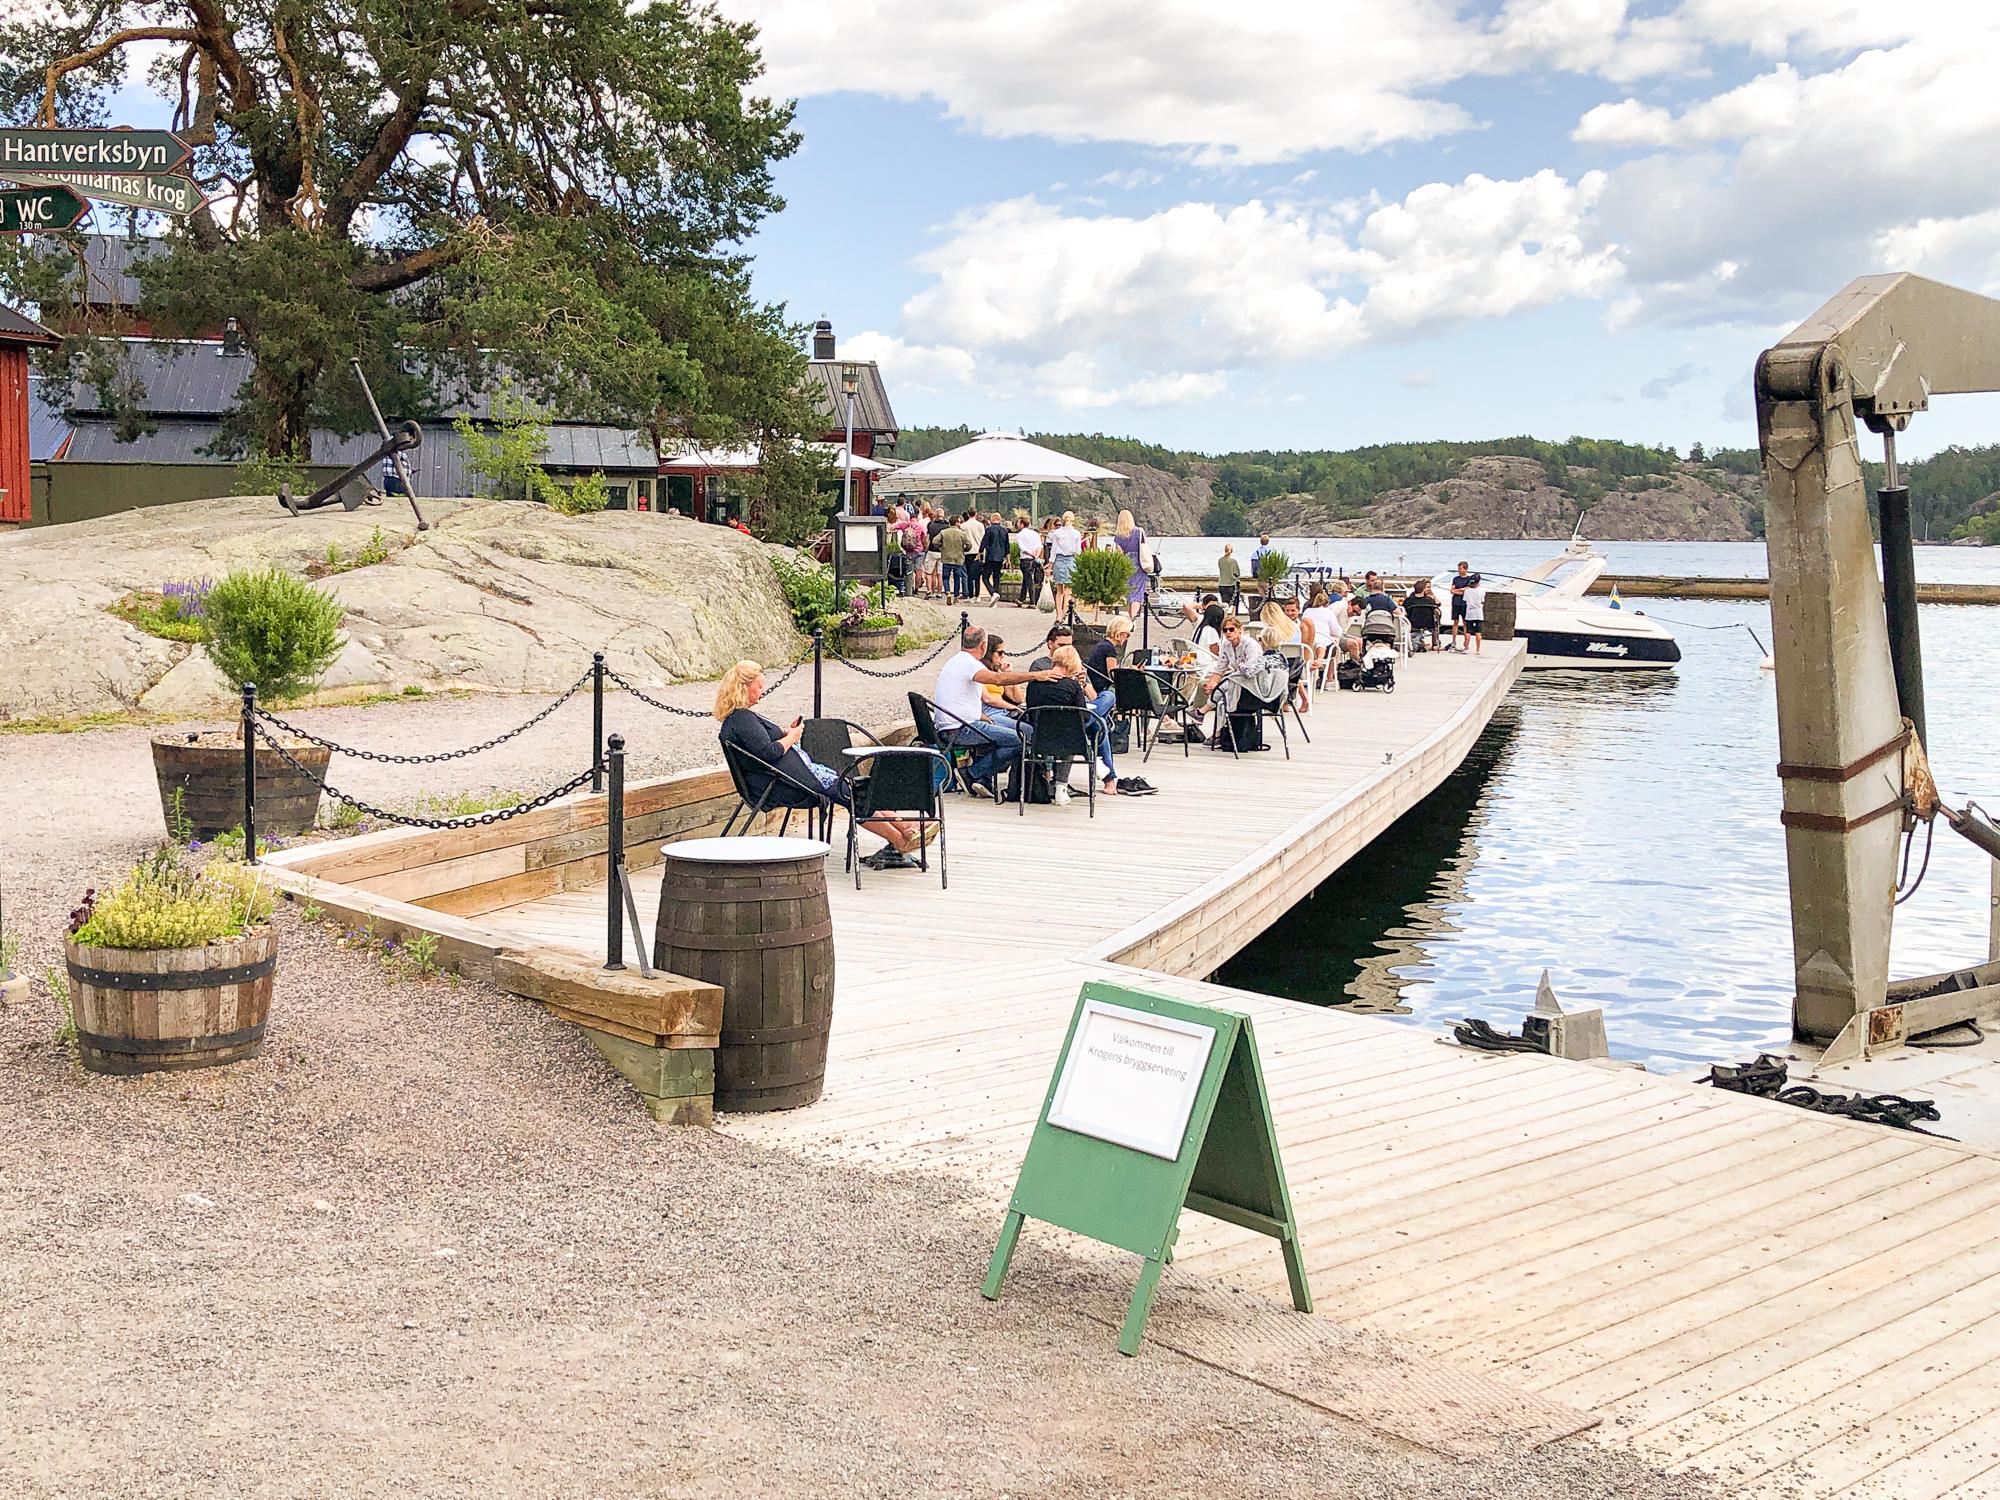 folk sitter på stolar på en träbrygga vid vattnet på fjäderholmarna.